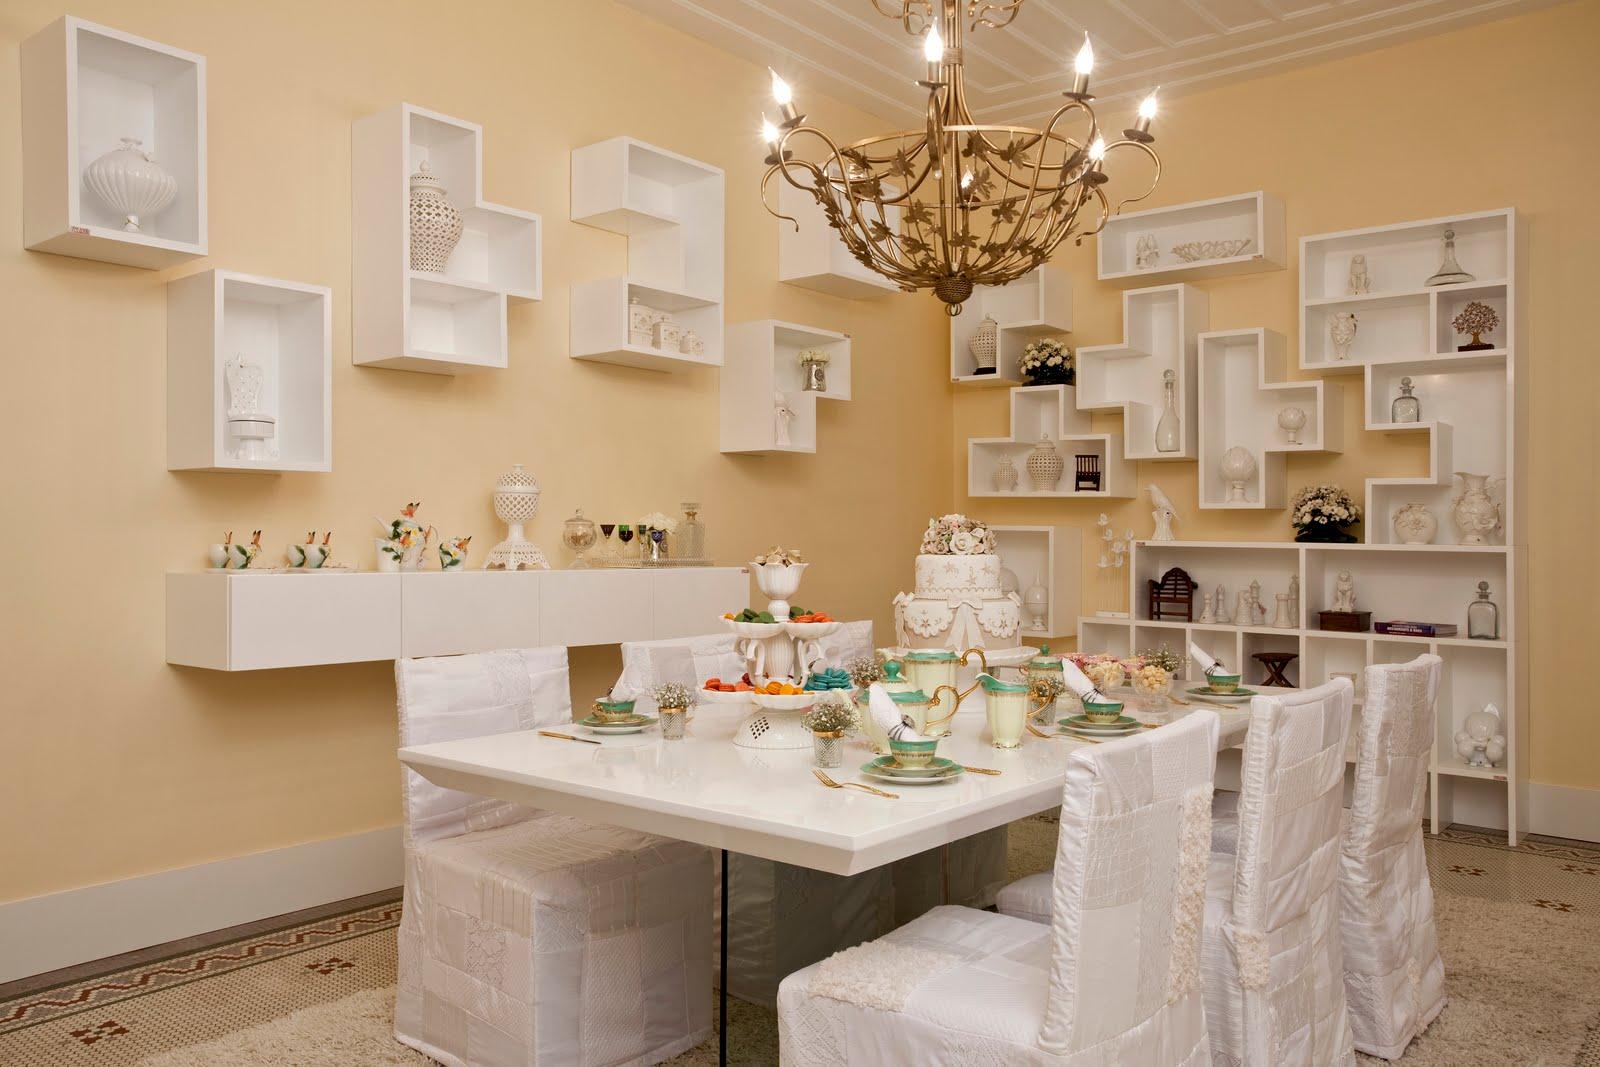 #8F693C  sala idealizada para o momento de confortar a mente e o corpo com 1600x1067 px Idéias De Design De Sala De Cozinha_158 Imagens